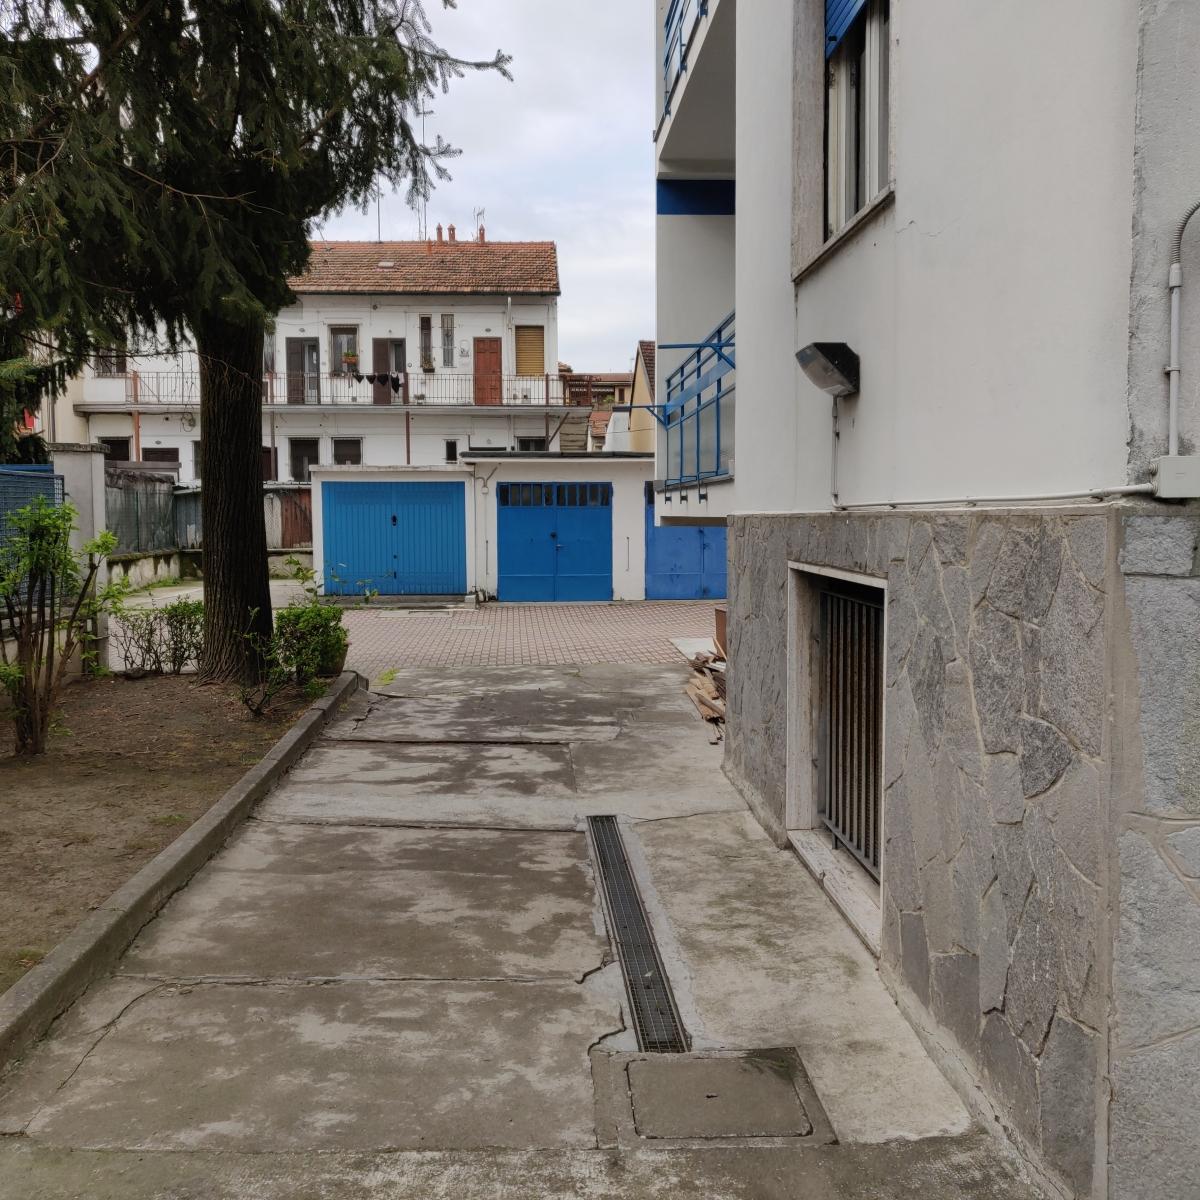 appartamento-in-vendita-via-bisi-milano-baggio-2-locali-bilocale-spaziourbano-immobiliare-vende-24